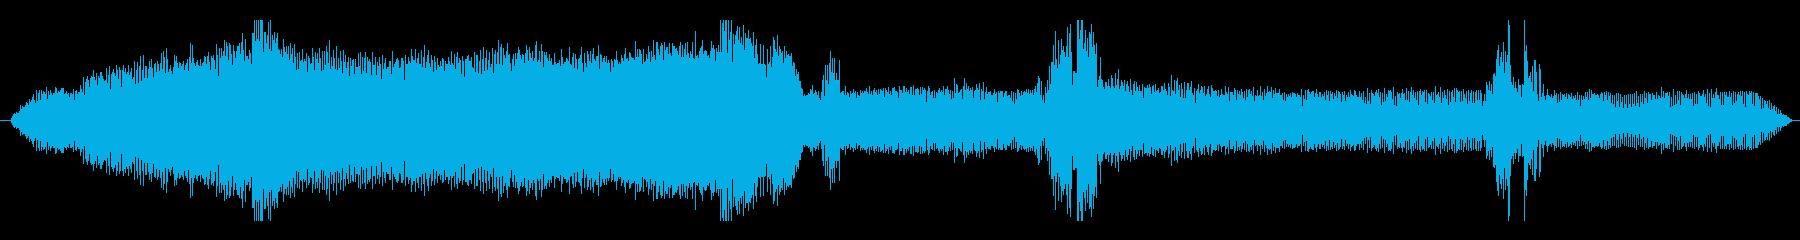 車 メルセデスAMG C63 S加...の再生済みの波形